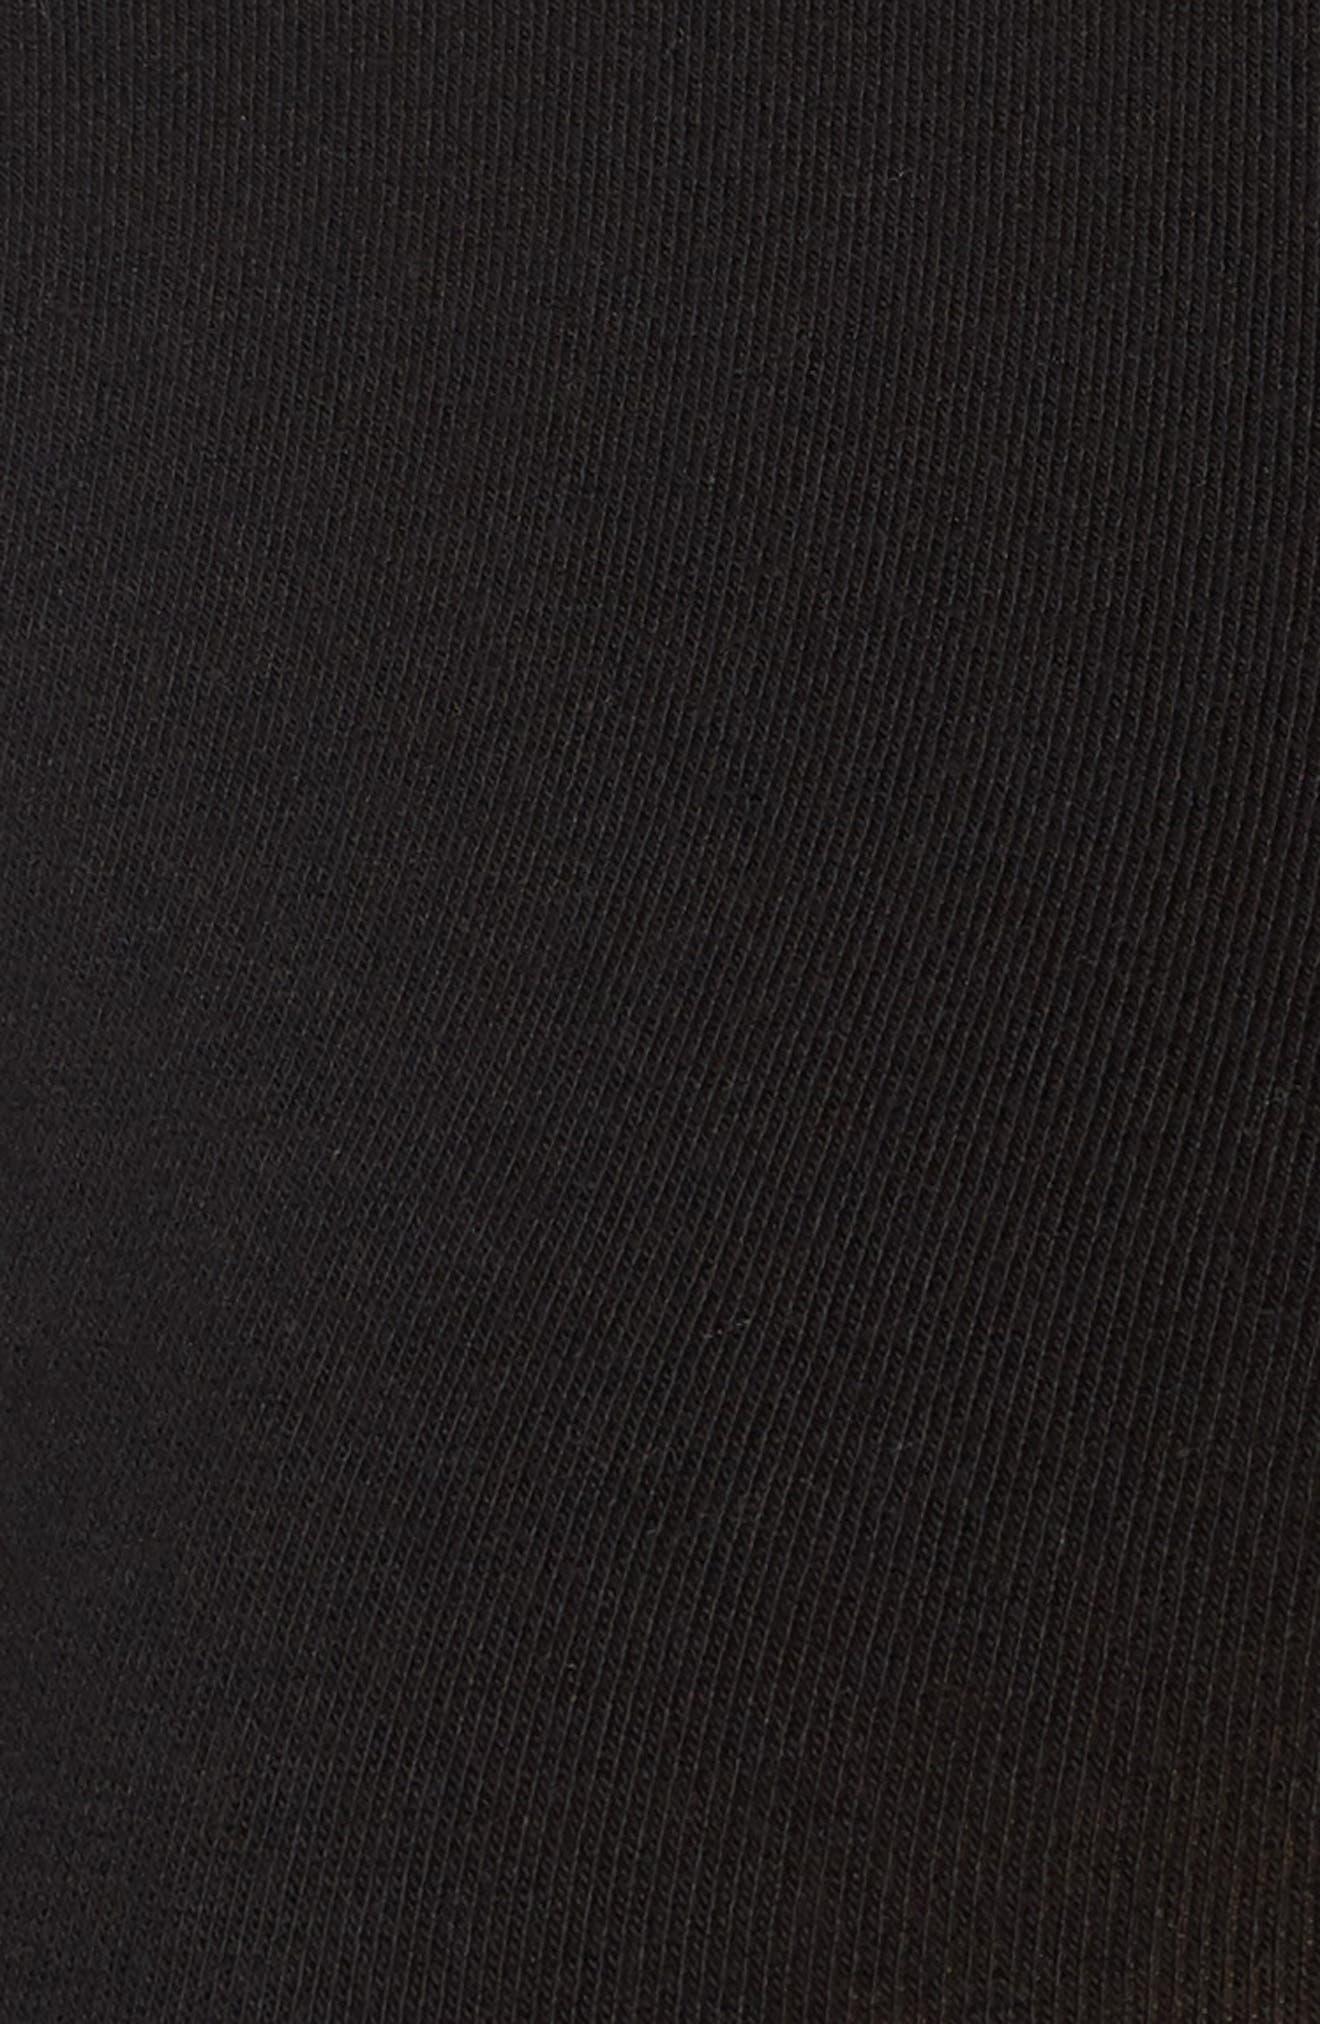 Crewneck Bodysuit,                             Alternate thumbnail 9, color,                             001